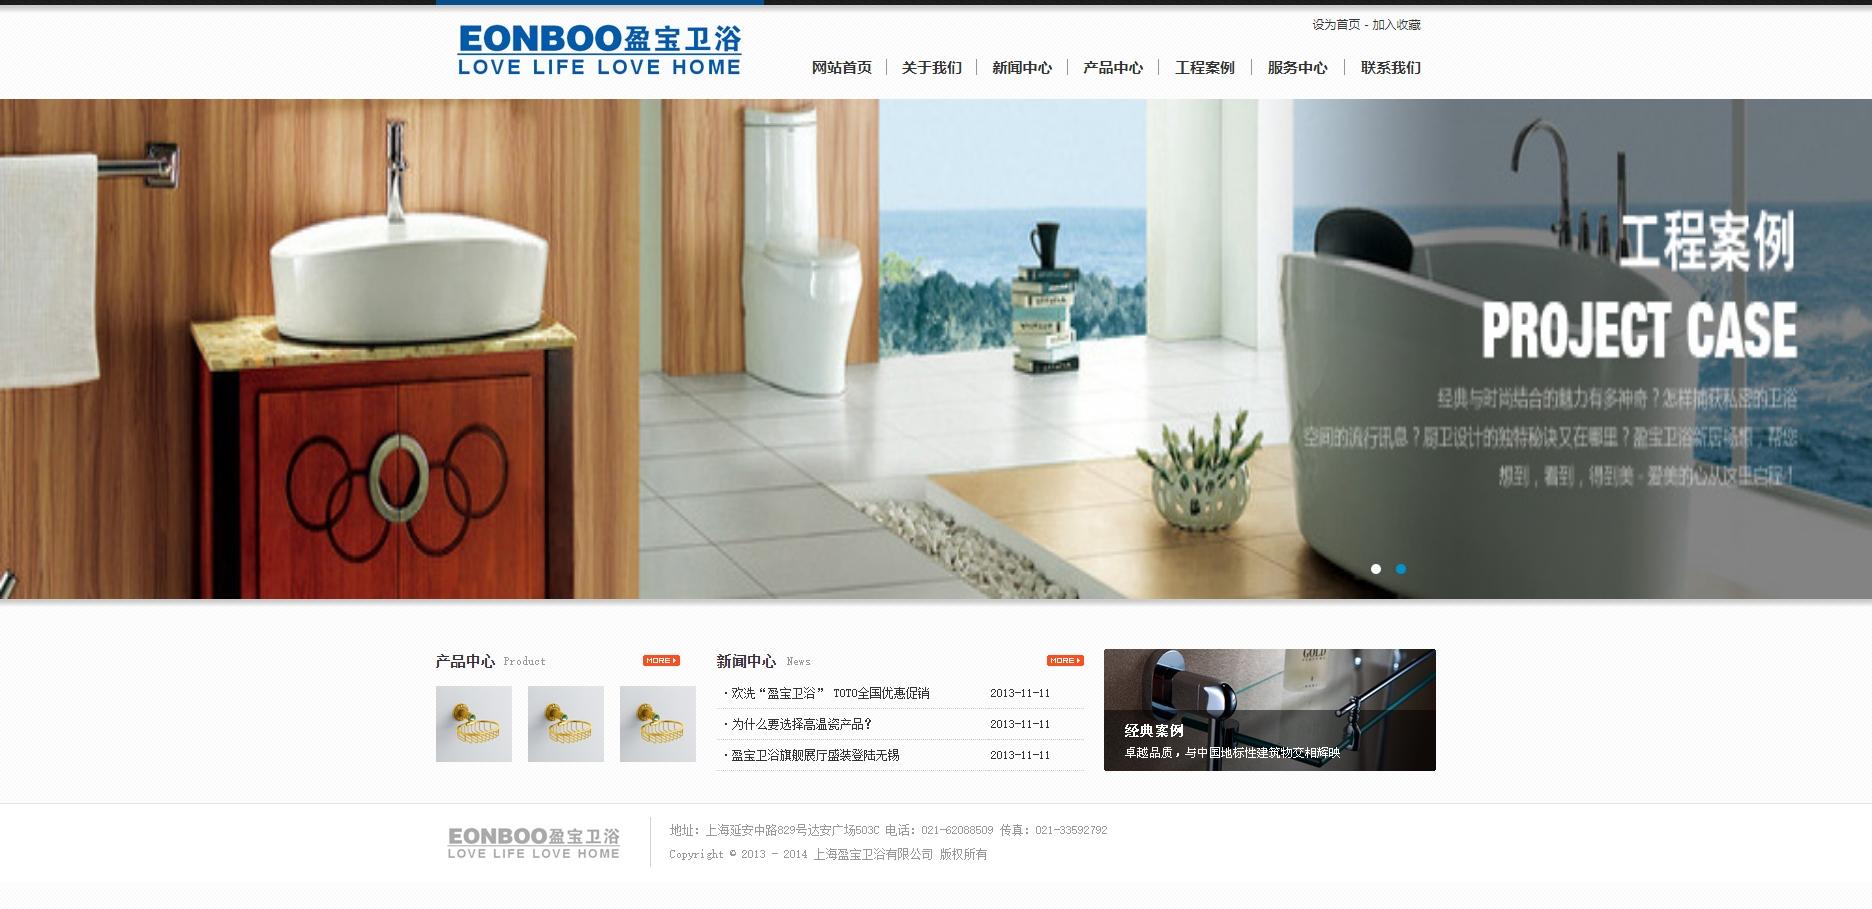 简单的卫浴企业静态网站模板源码